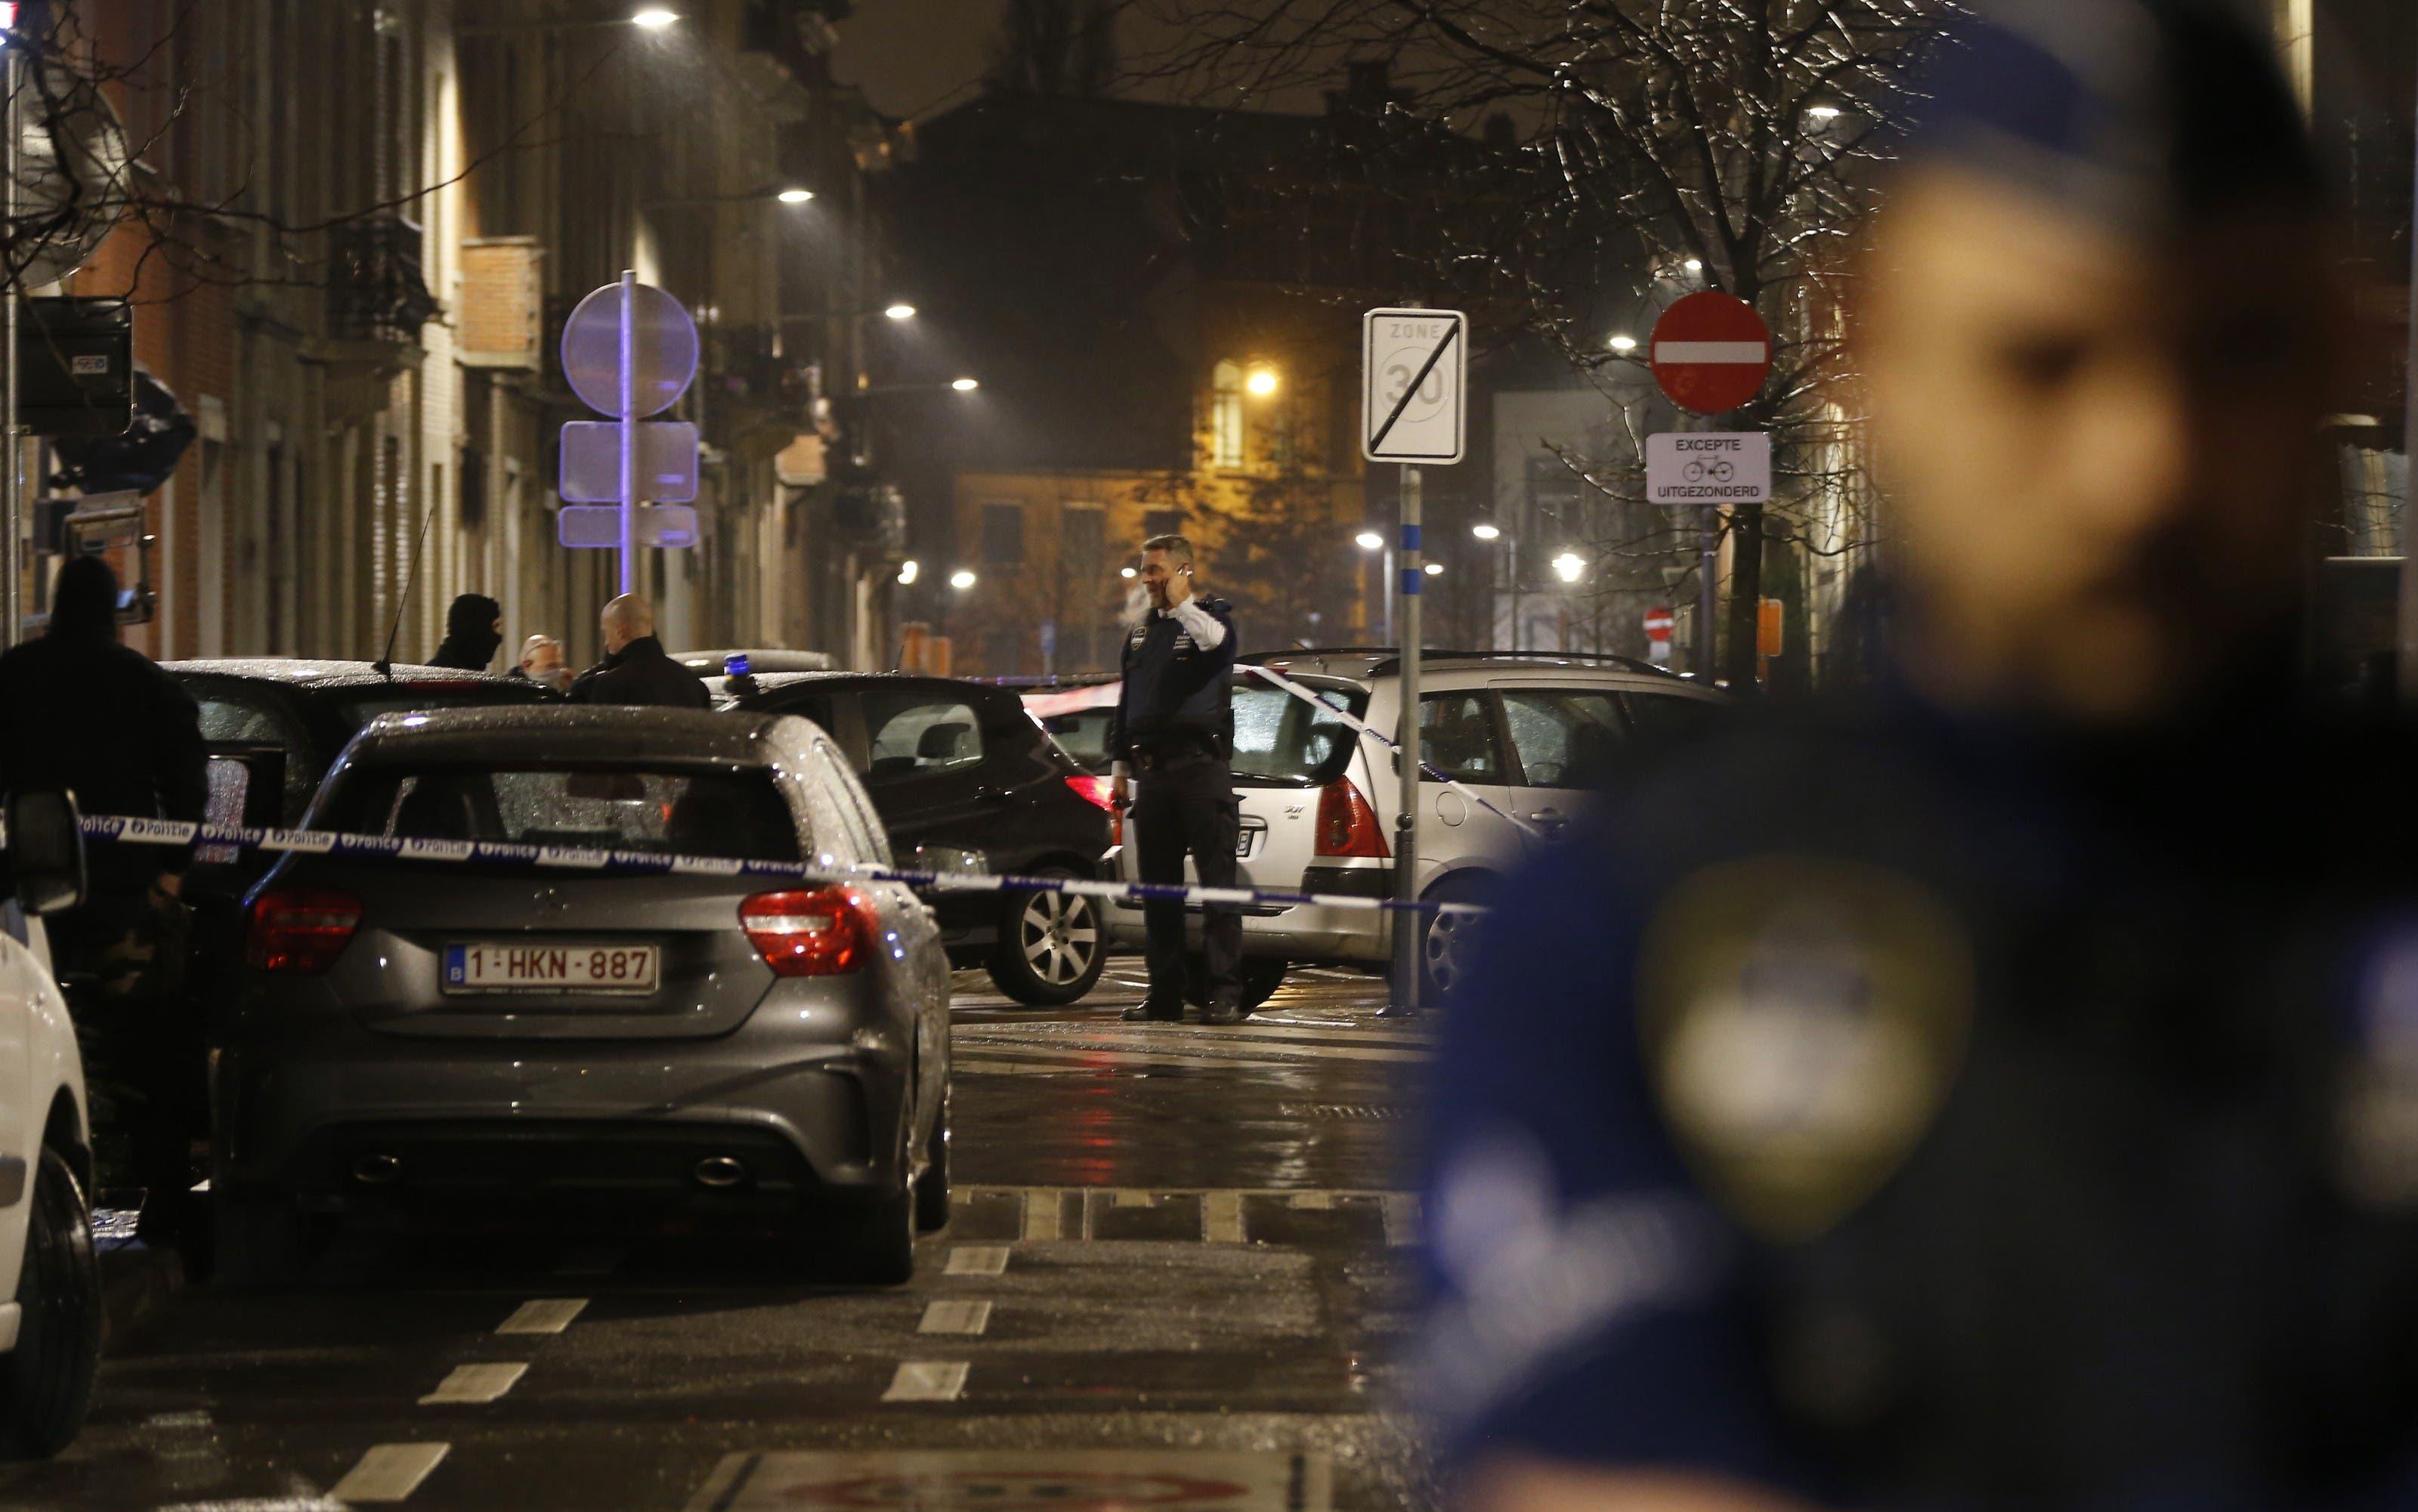 Nächtlicher Einsatz der Polizei in Brüssel: Sie nimmt sechs Personen fest.